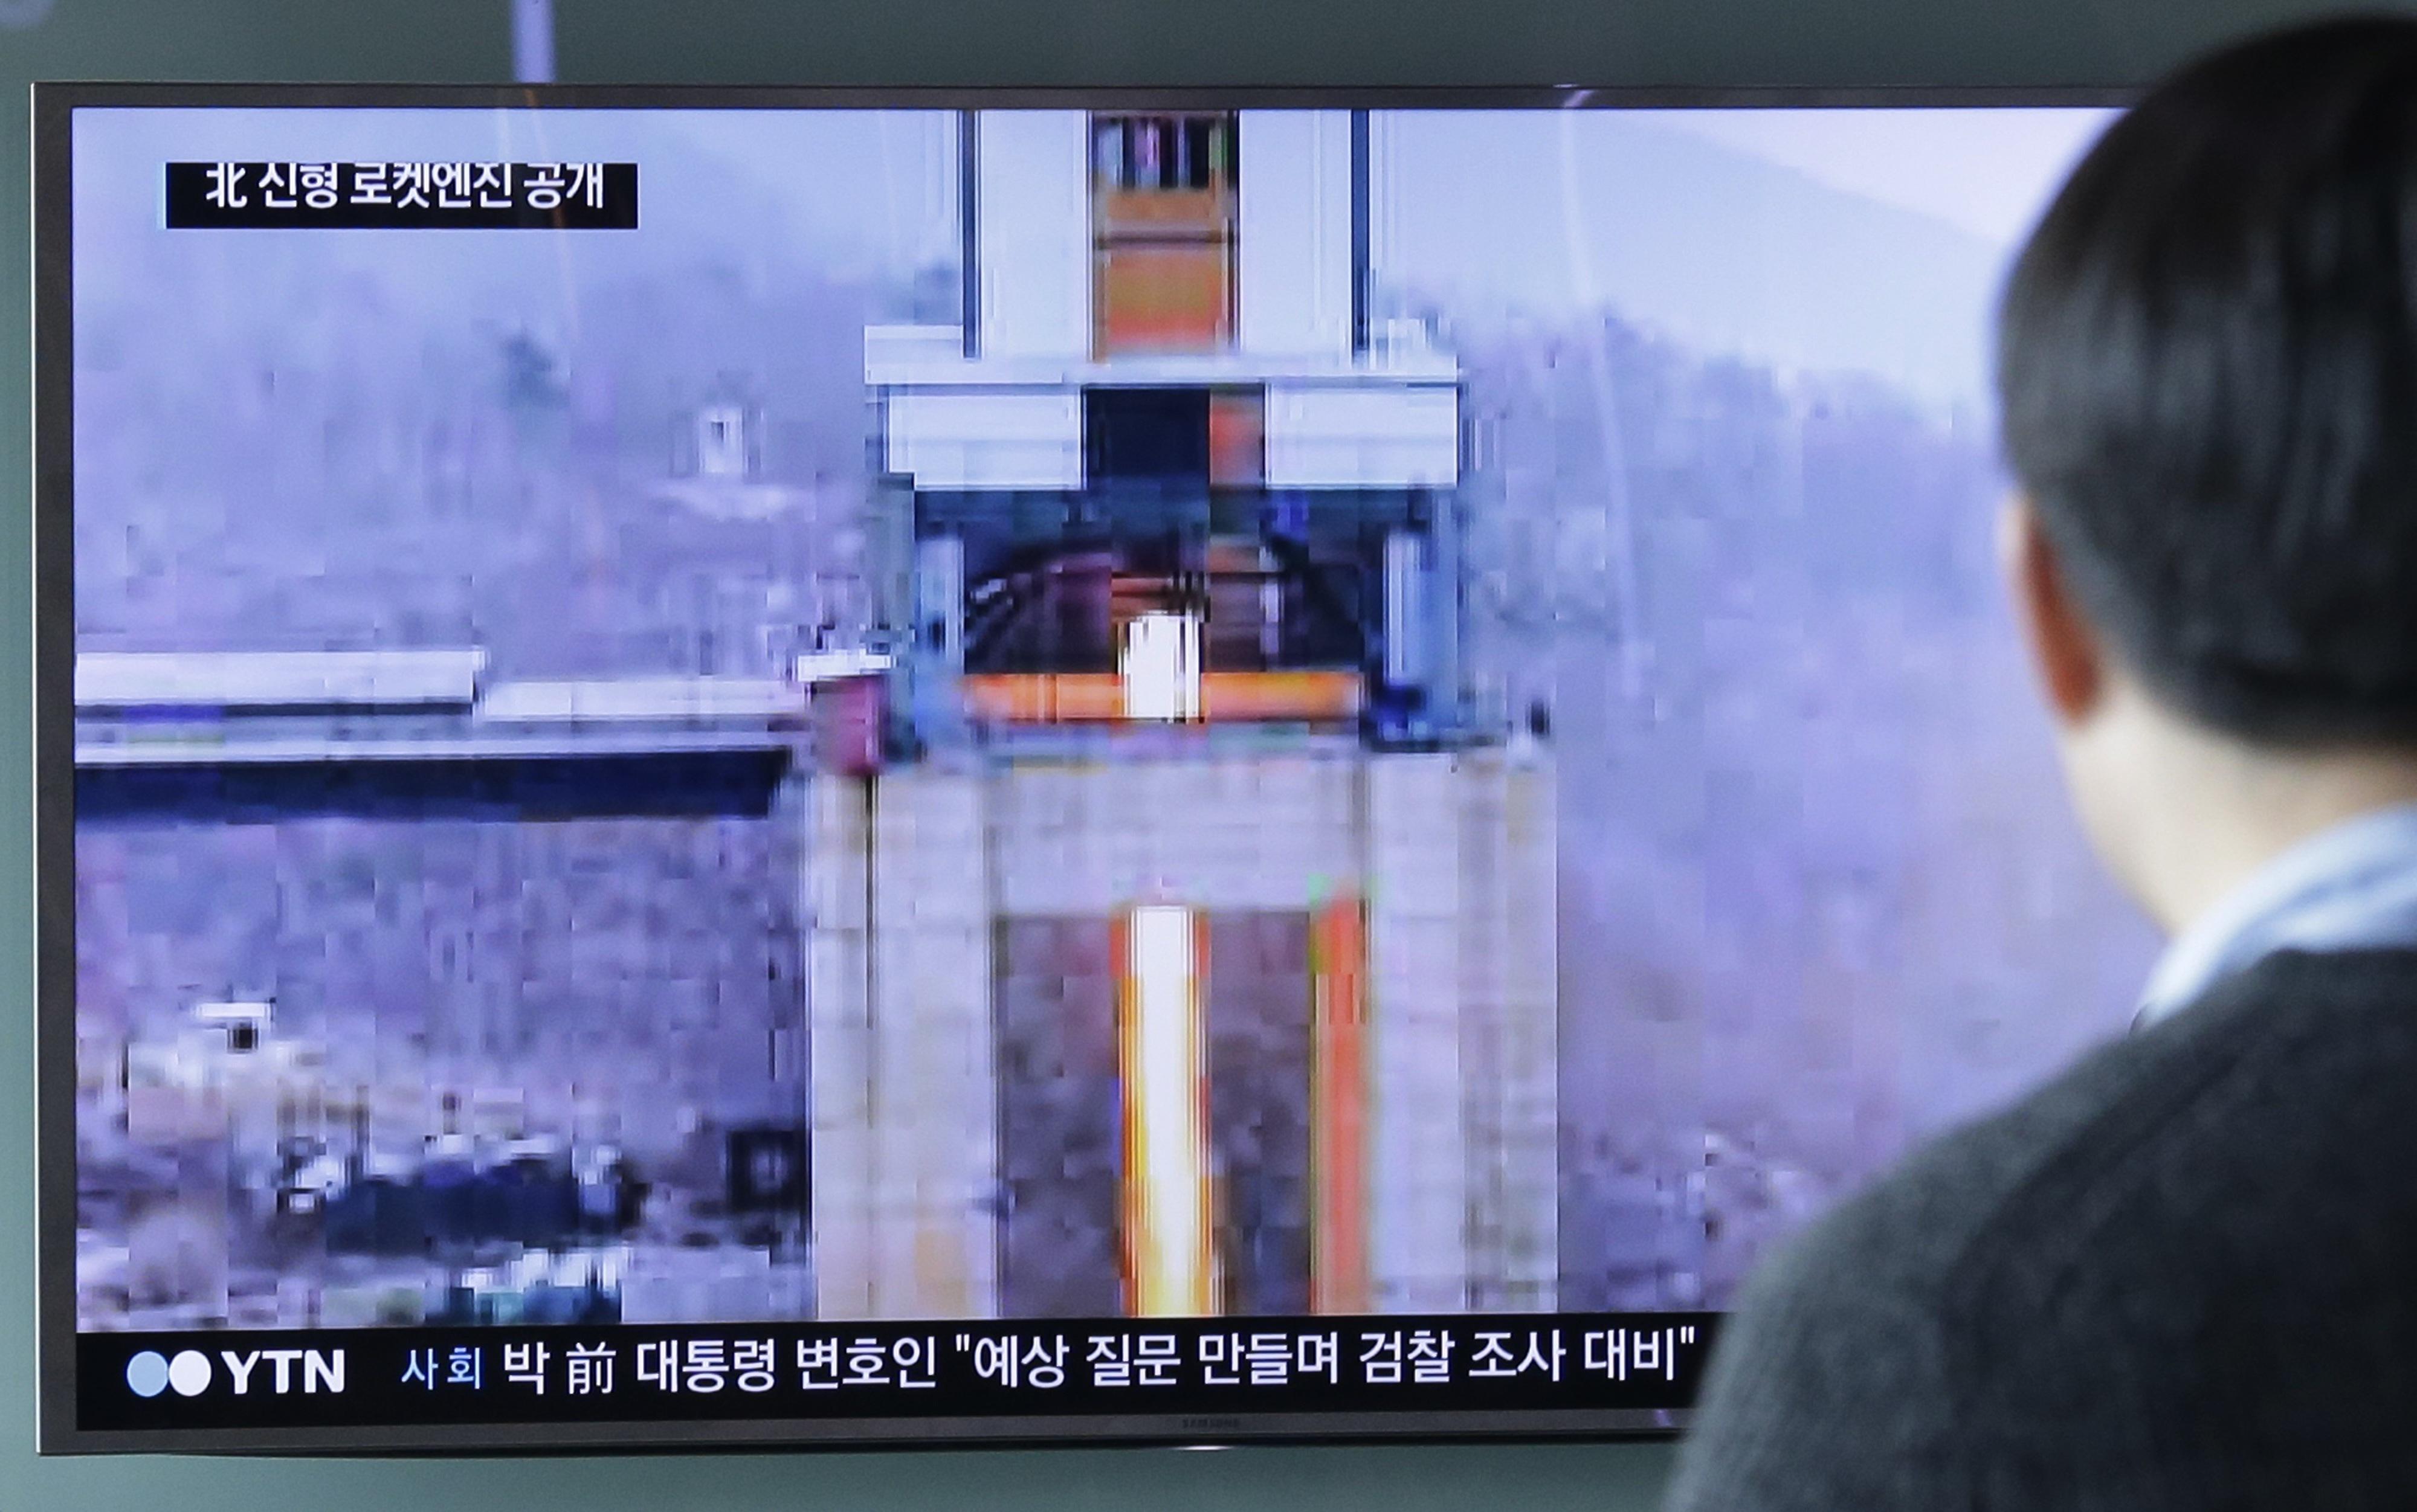 正值美國國務卿提勒森在中國訪問之際,北韓再次公然挑釁,19日高調宣布前一天成功測試新型大功率火箭引擎的地面點火,表示洲際導彈發展能力已進入收尾階段,對美國構成實質潛在壓力。圖為民眾觀看測試報導。 (美聯社)